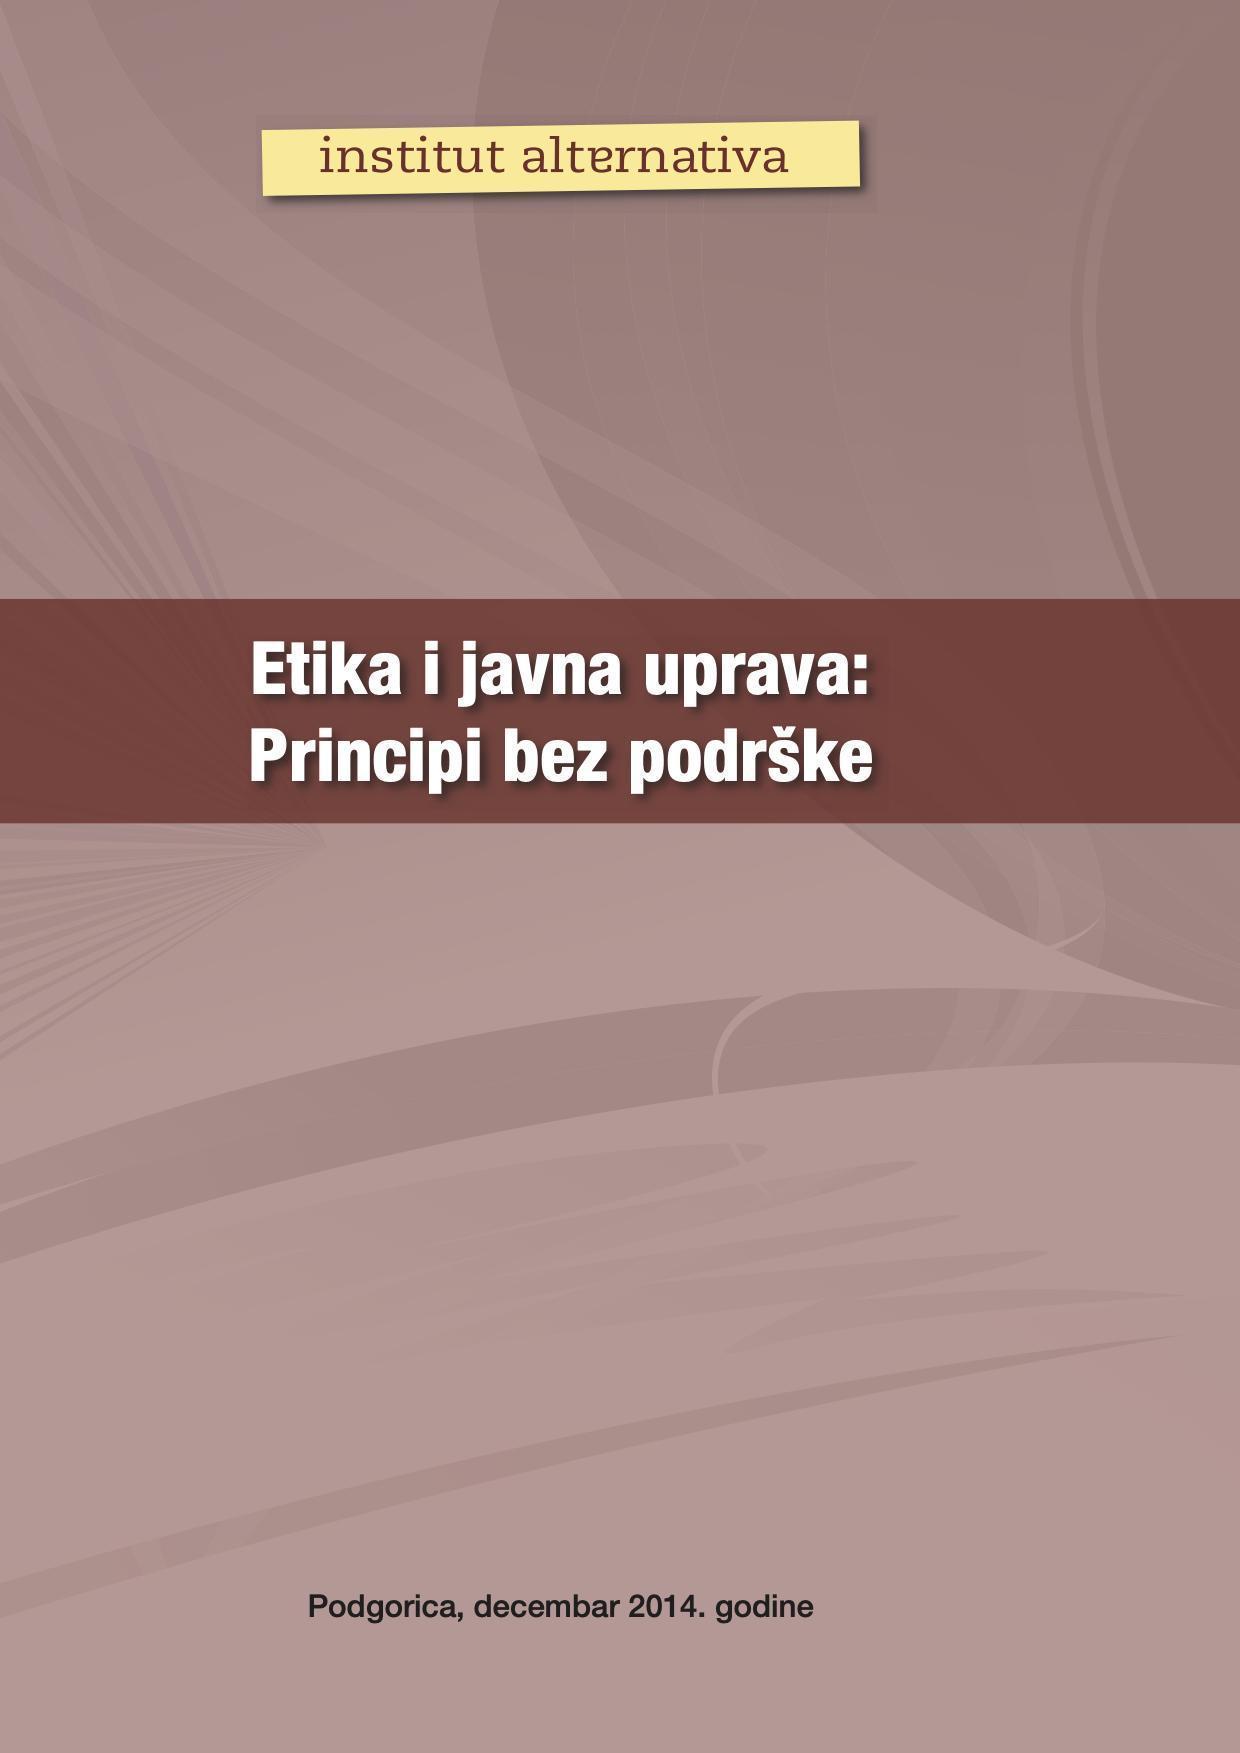 etika-i-javna-uprava-principi-bez-podrske